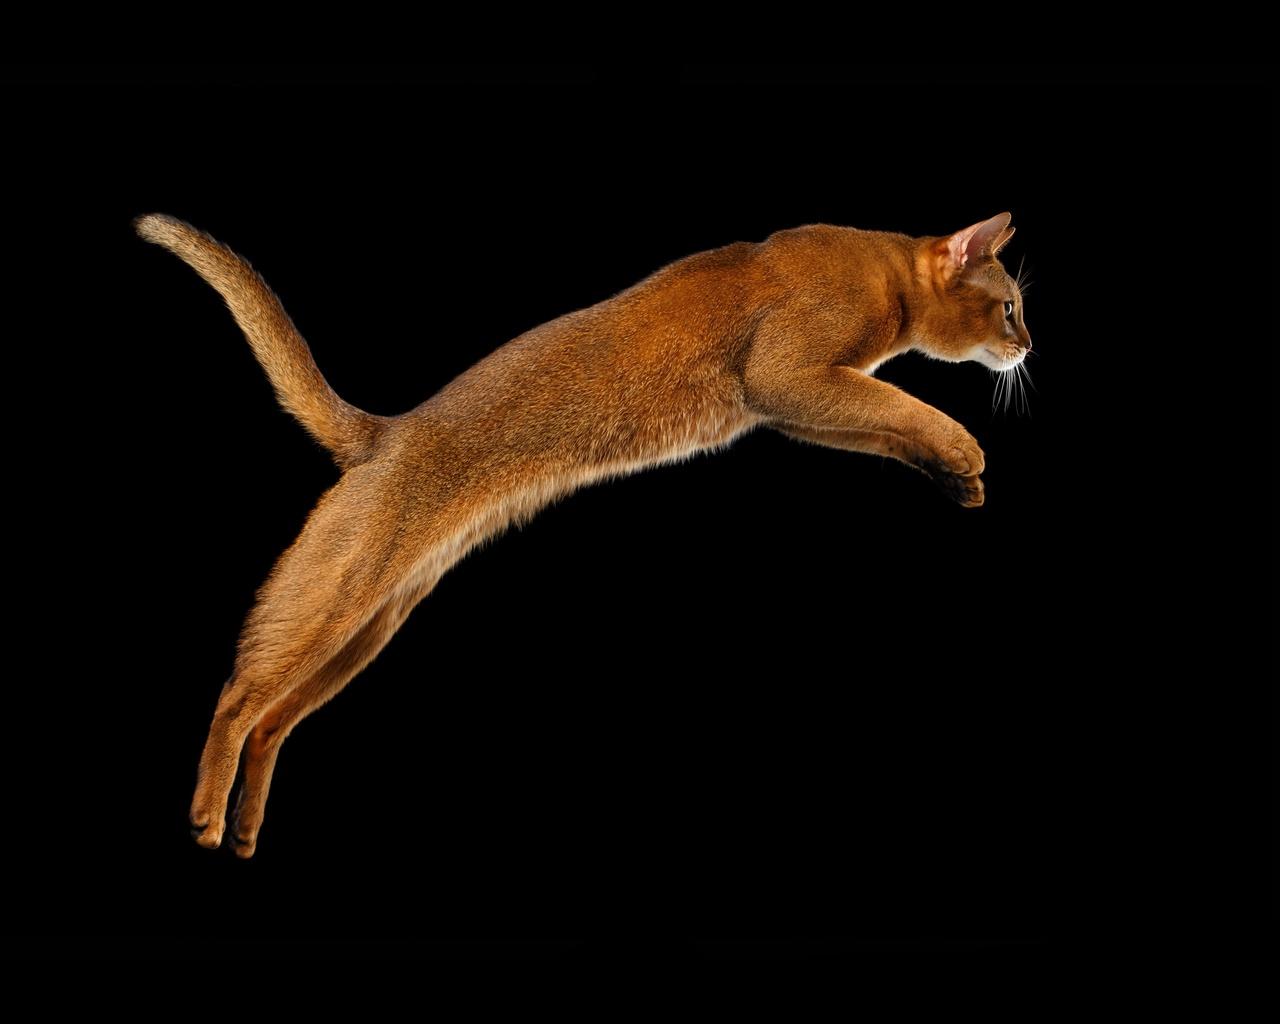 животное, коты, кошка, кот, прыжок